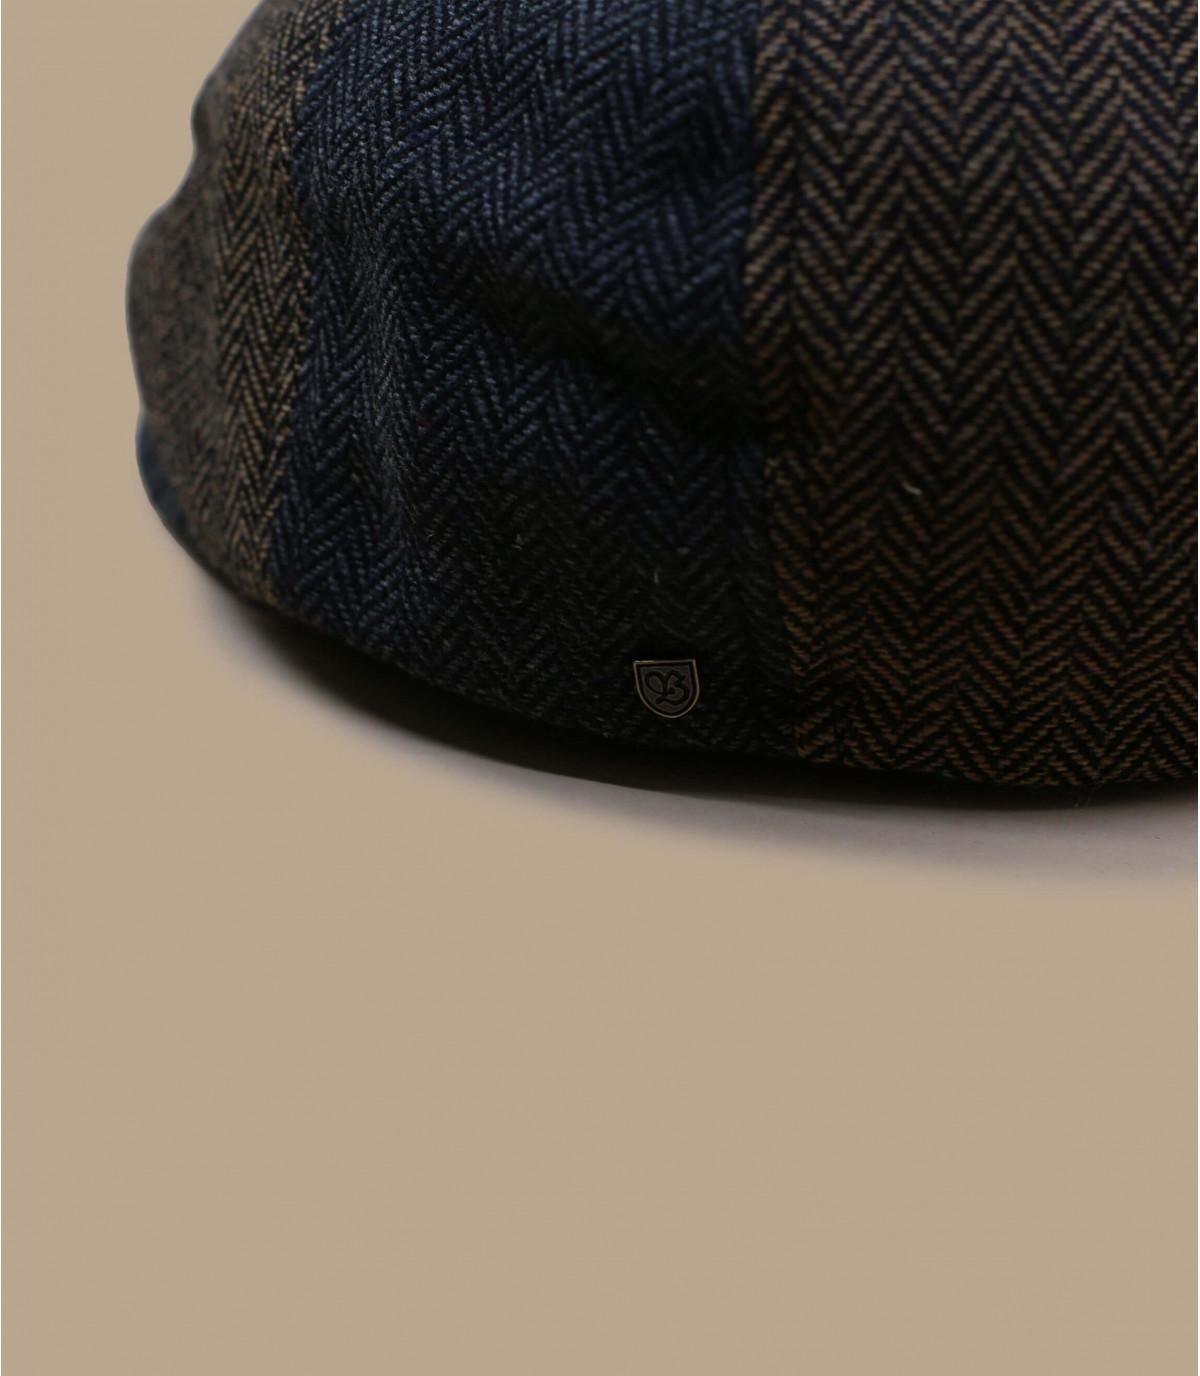 Details Brood brown grey - afbeeling 2